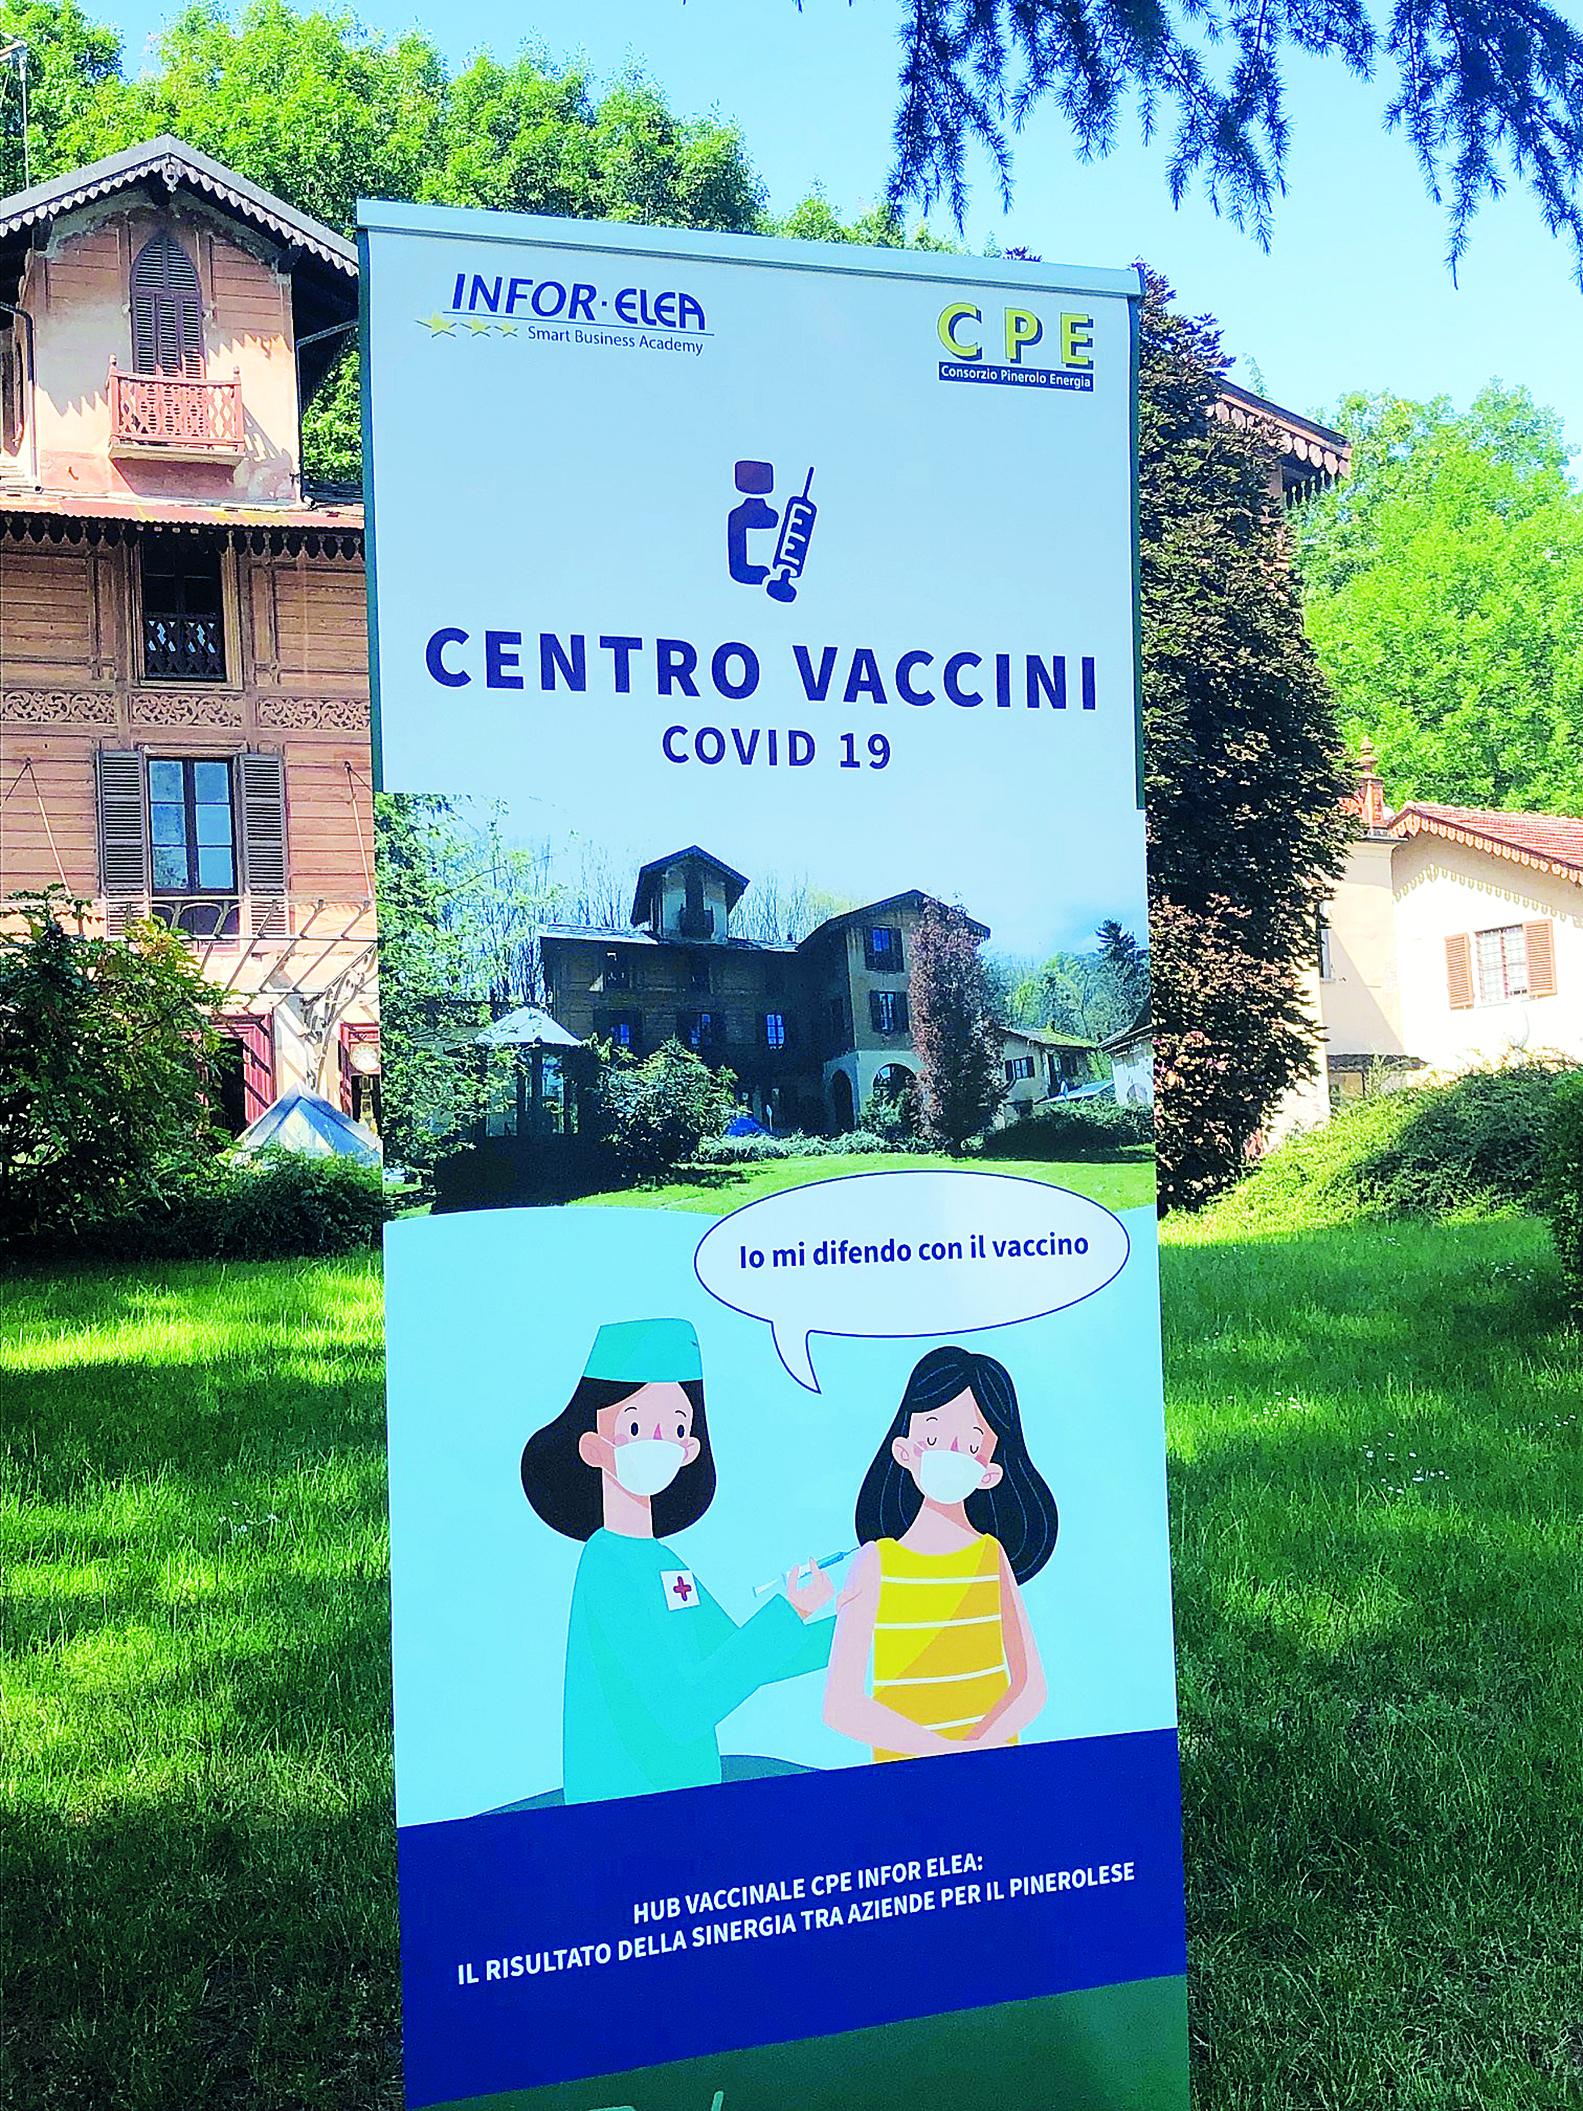 Attivo l'hub vaccinale per i dipendenti delle aziende del pinerolese